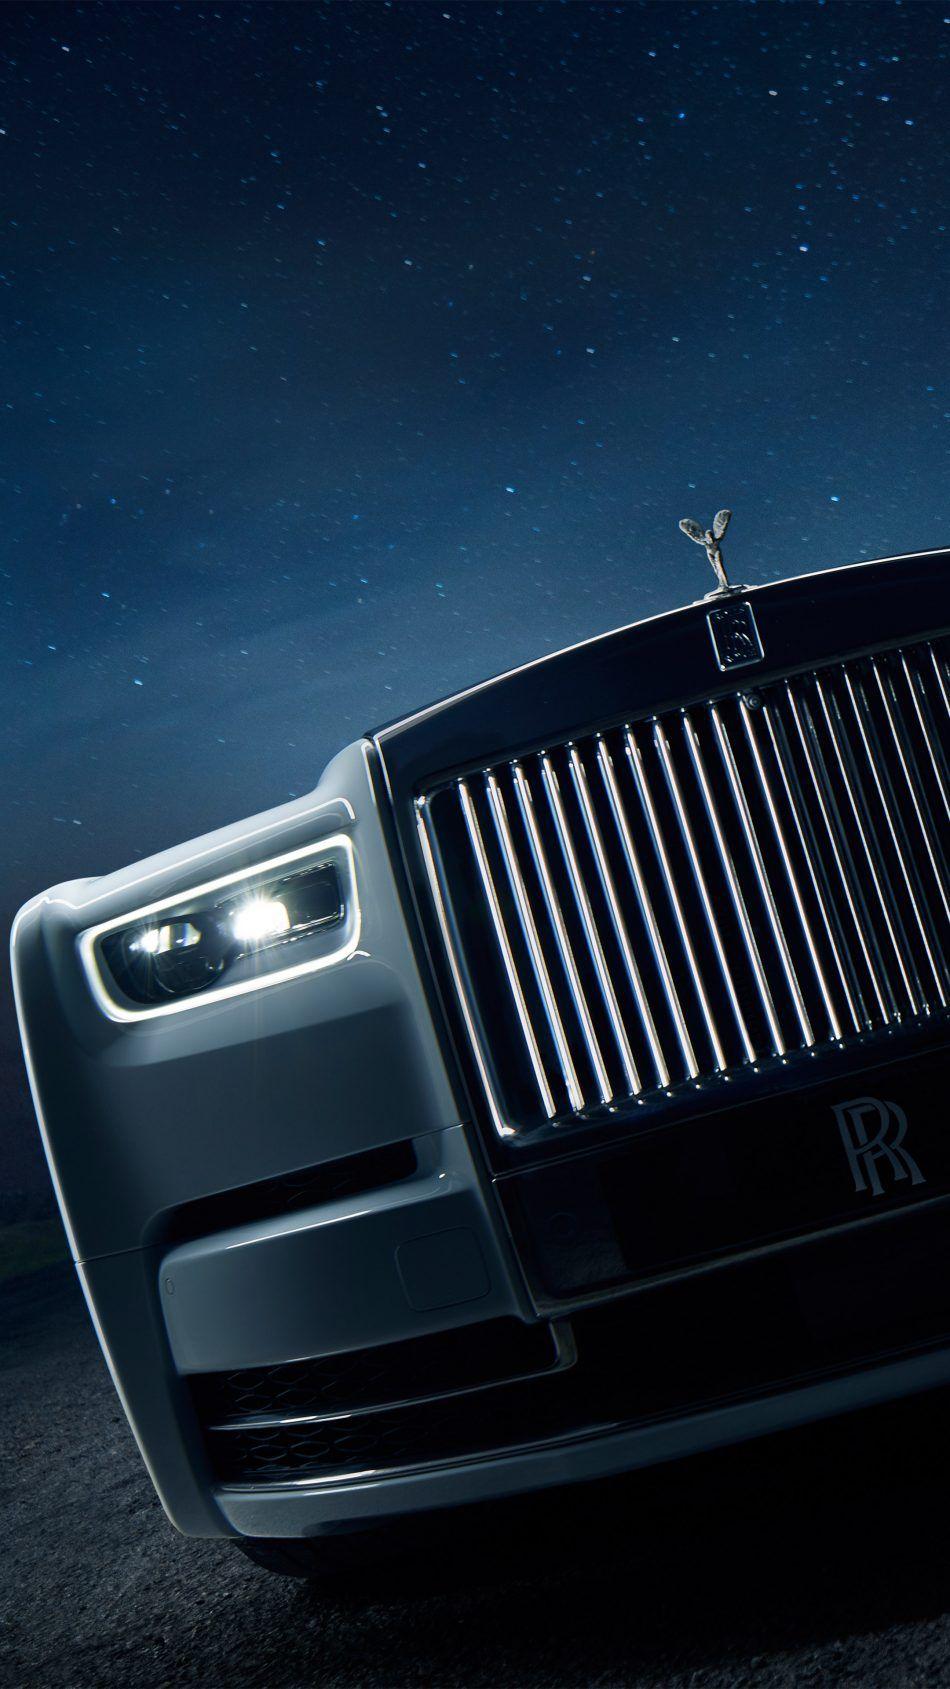 Rolls Royce Phantom Tranquillity 4k Ultra Hd Mobile Wallpaper Rolls Royce Phantom Rolls Royce Rolls Royce Wallpaper